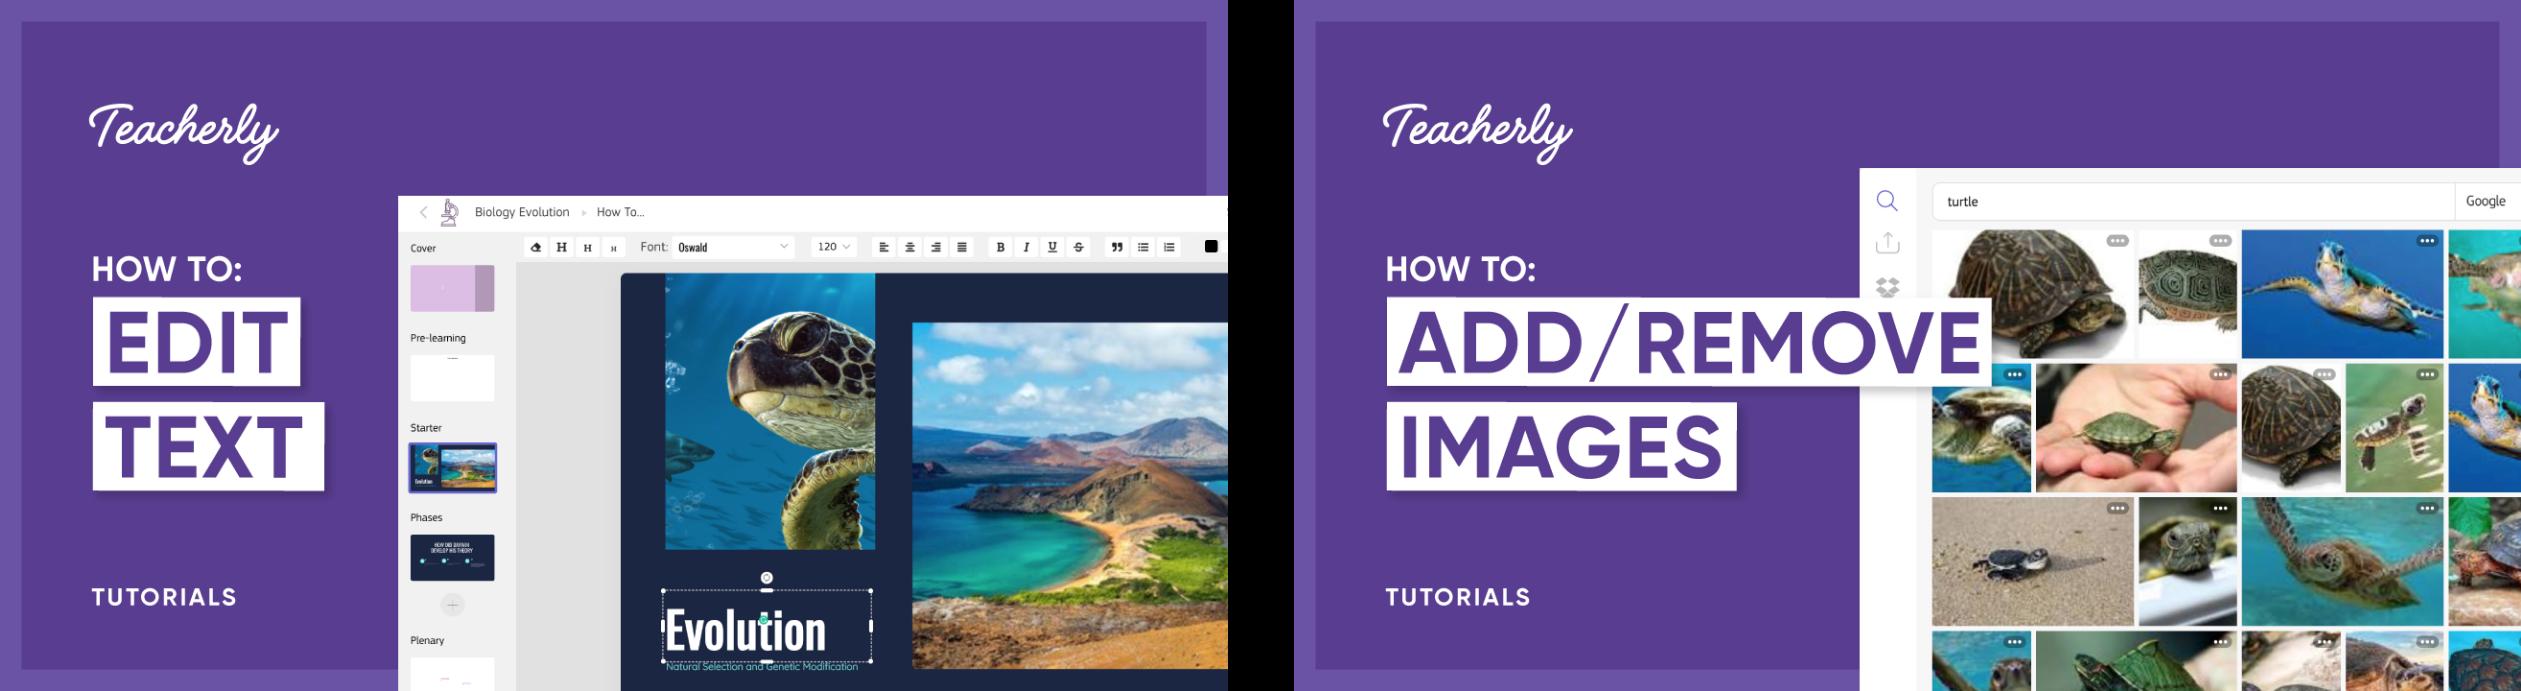 Brand Development & Web Design For Teacherly